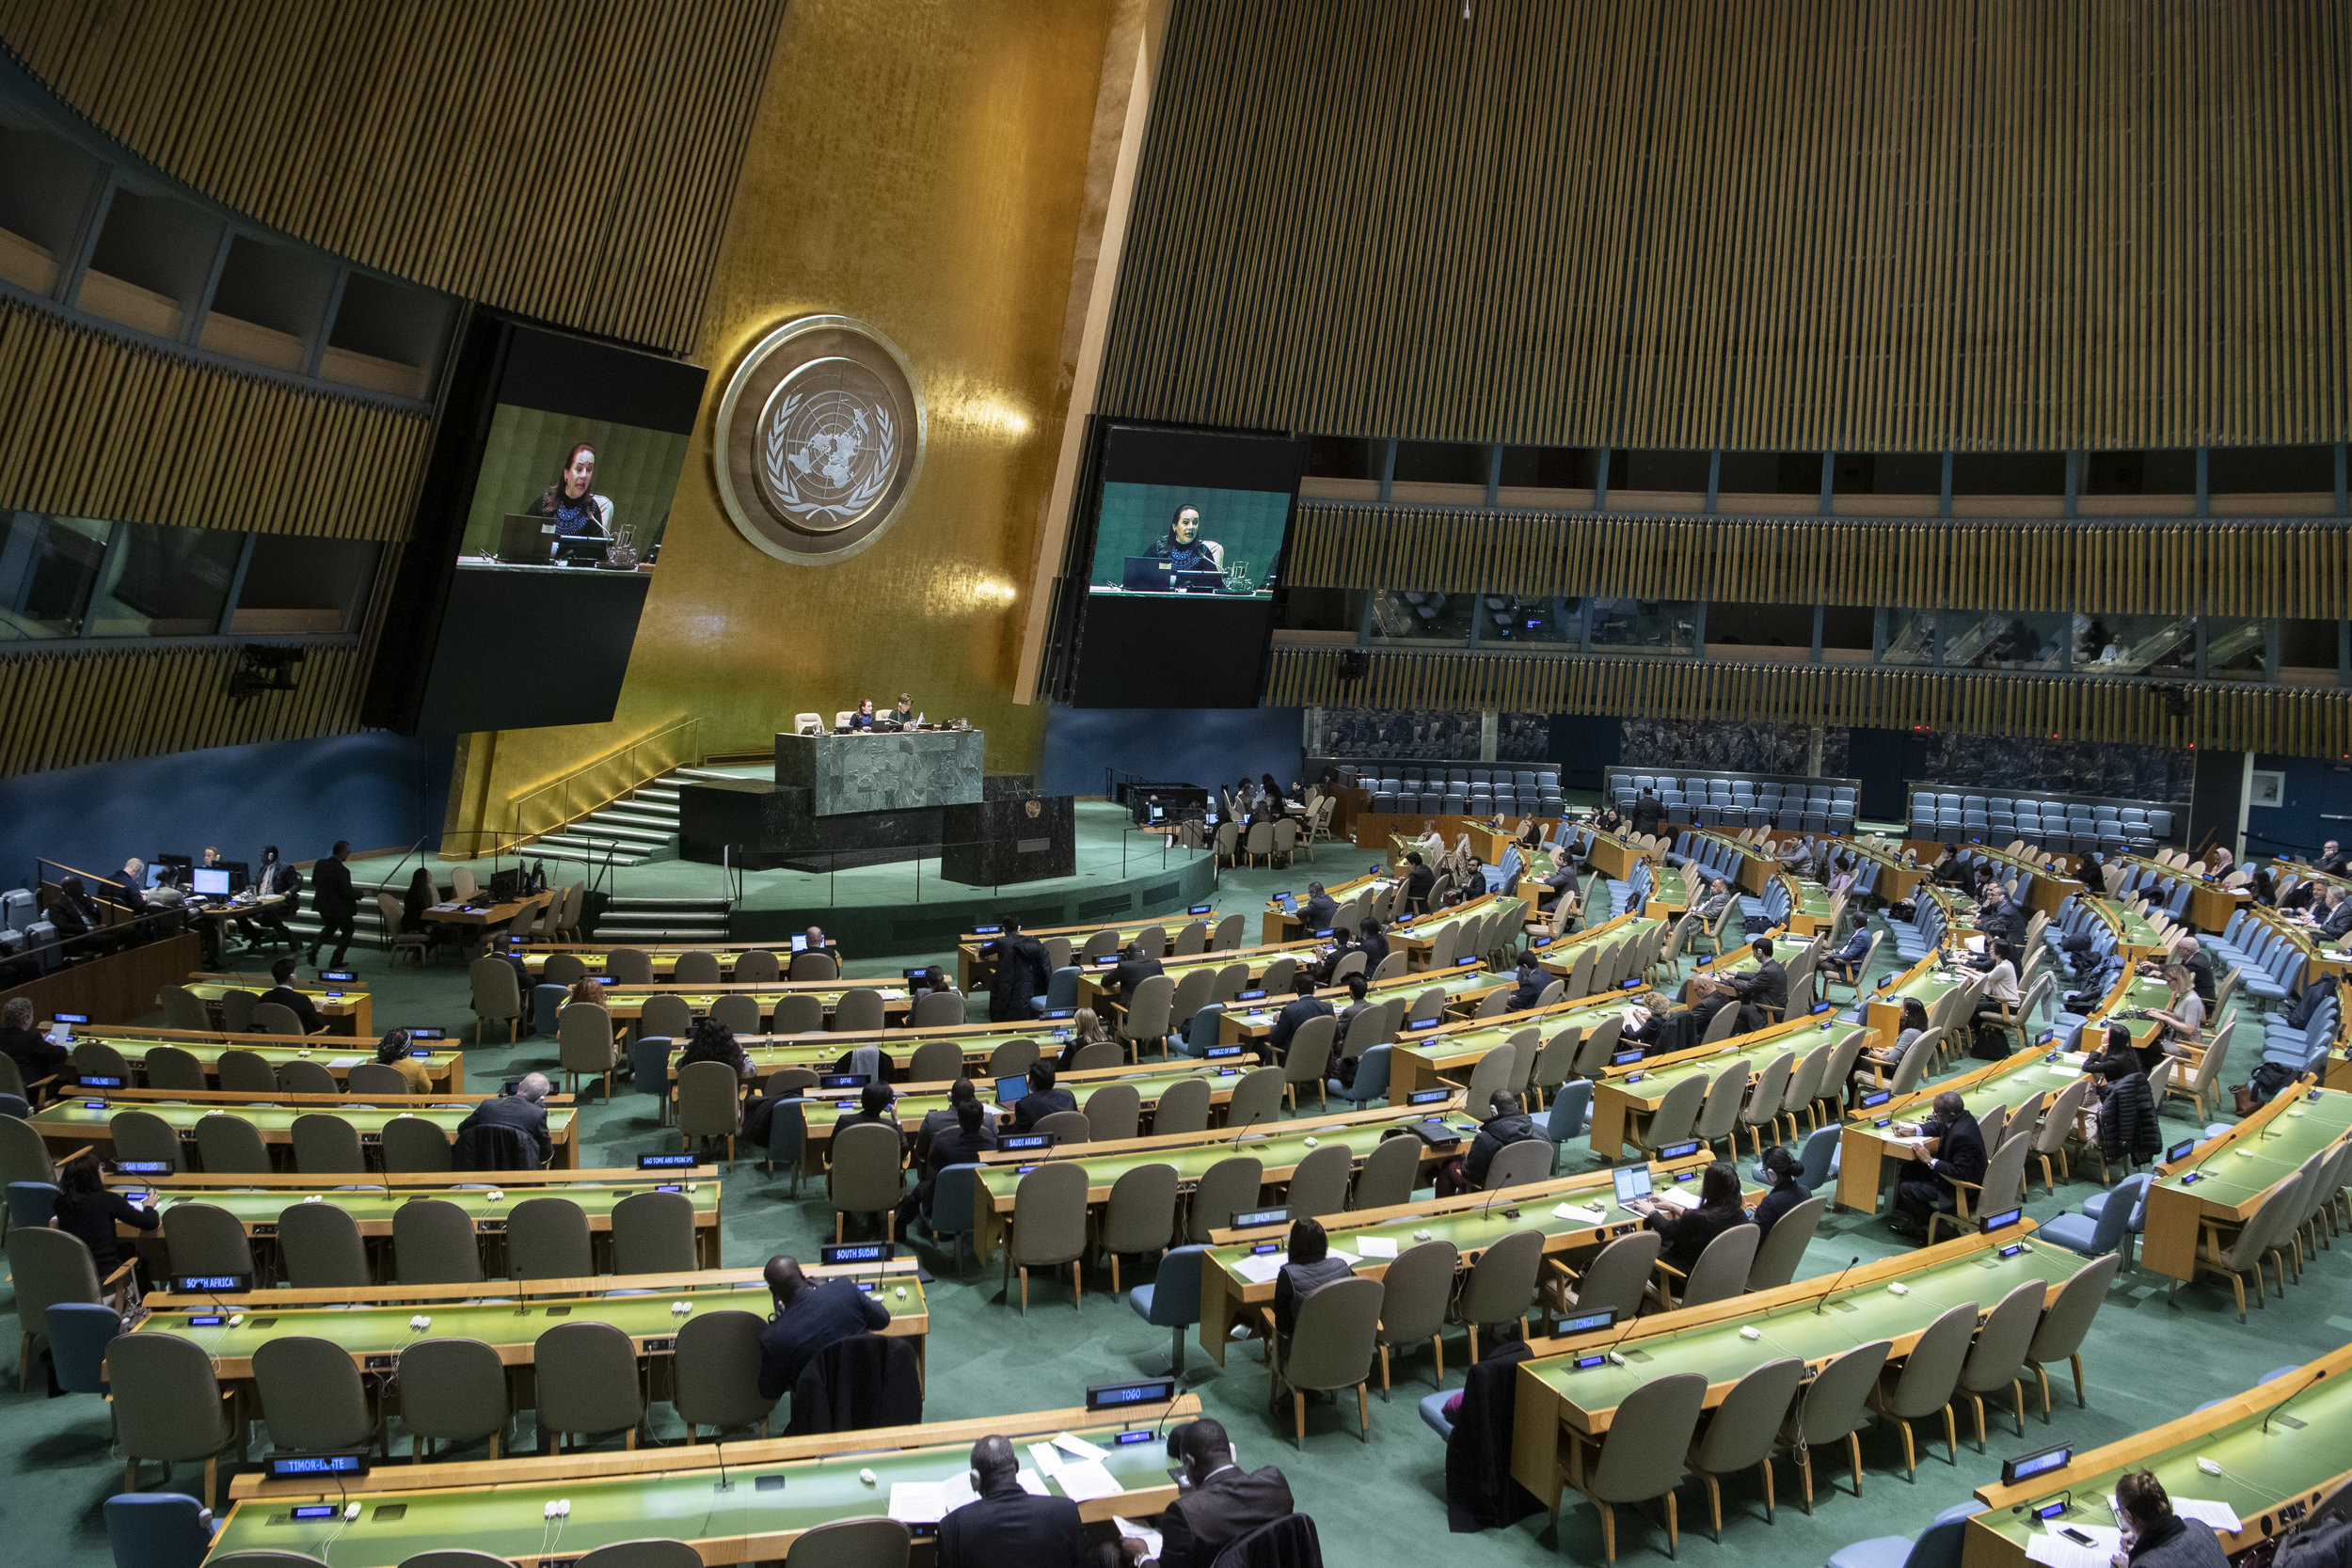 Maailman 38.000 Kansainvälisestä organisaatiosta YK on edelleen yksi keskeisimmistä. Kuva: UN Photo by Eskinder Debebe